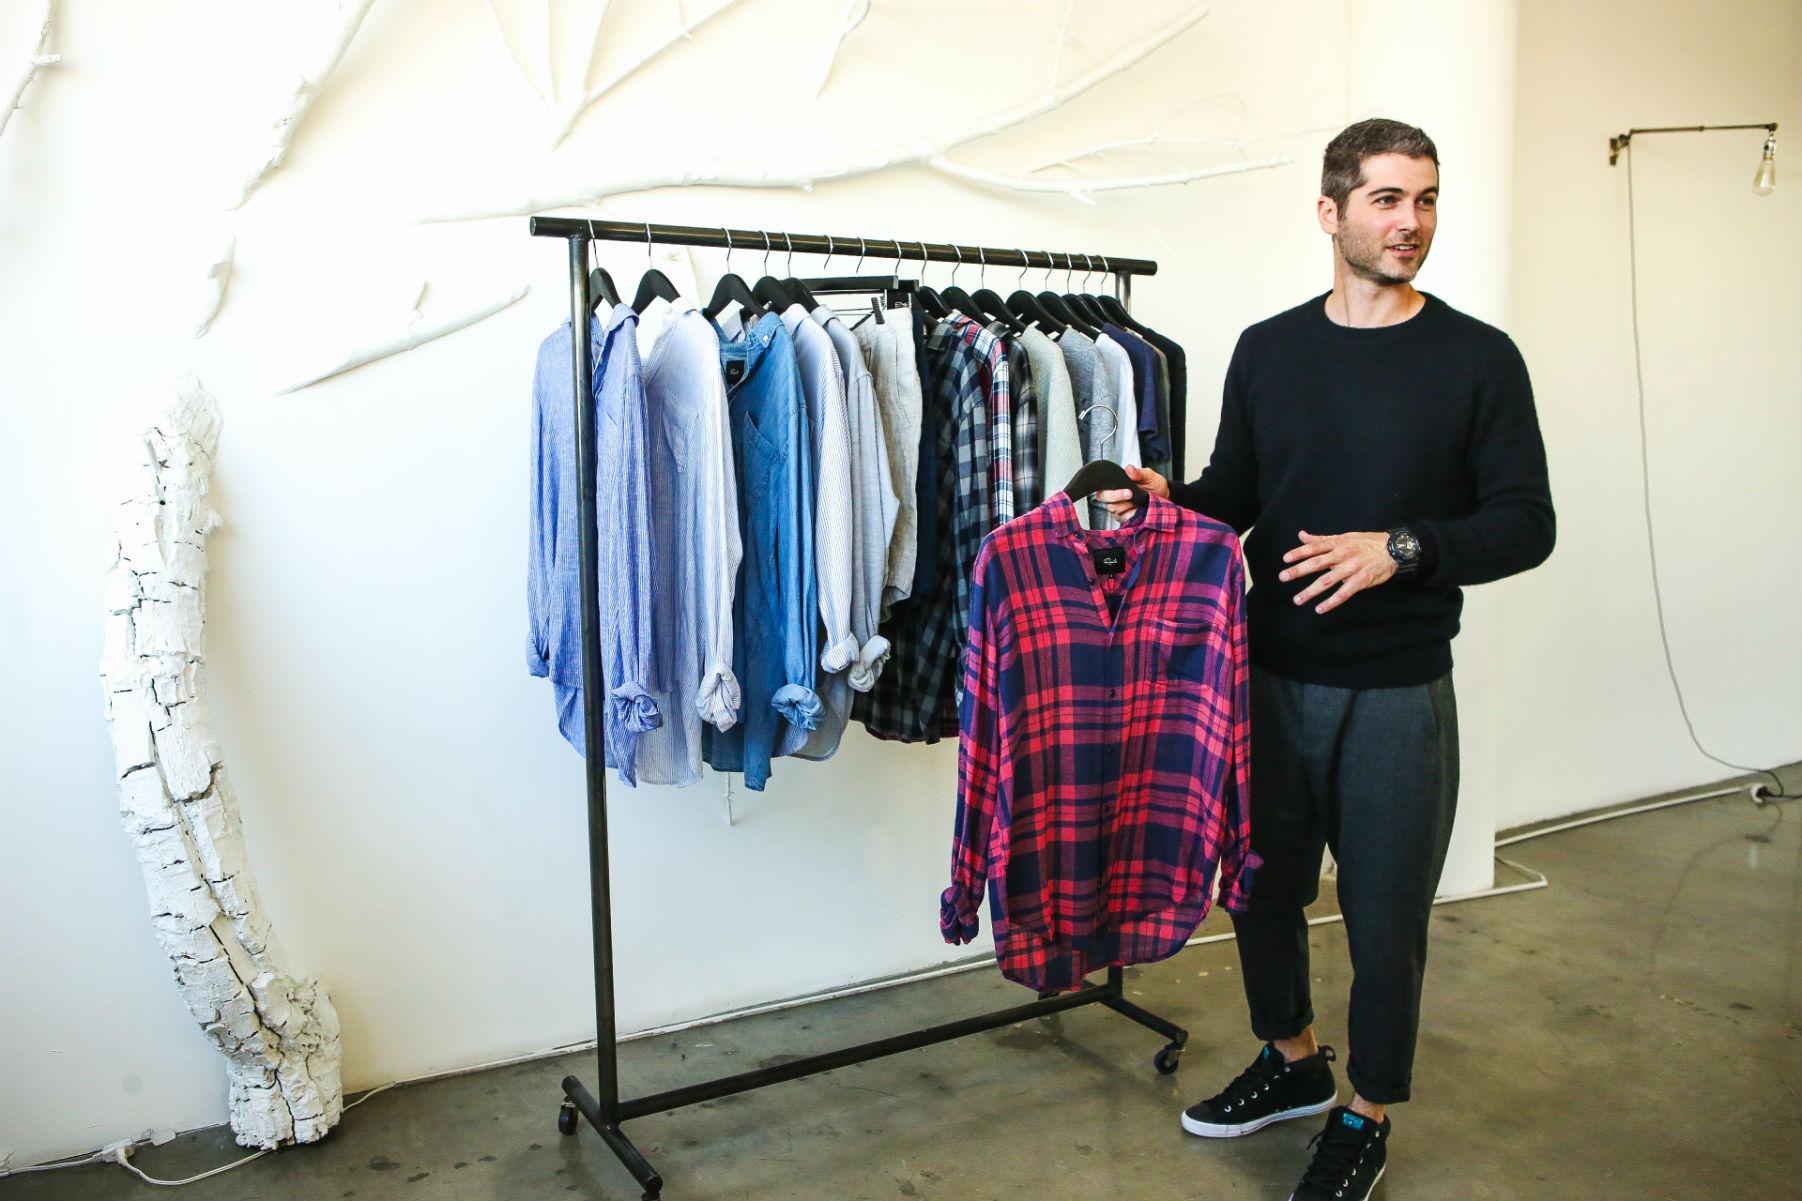 Rails, tøjmærke, tøj, brand, mode, fashion, kvindemode, tøj,